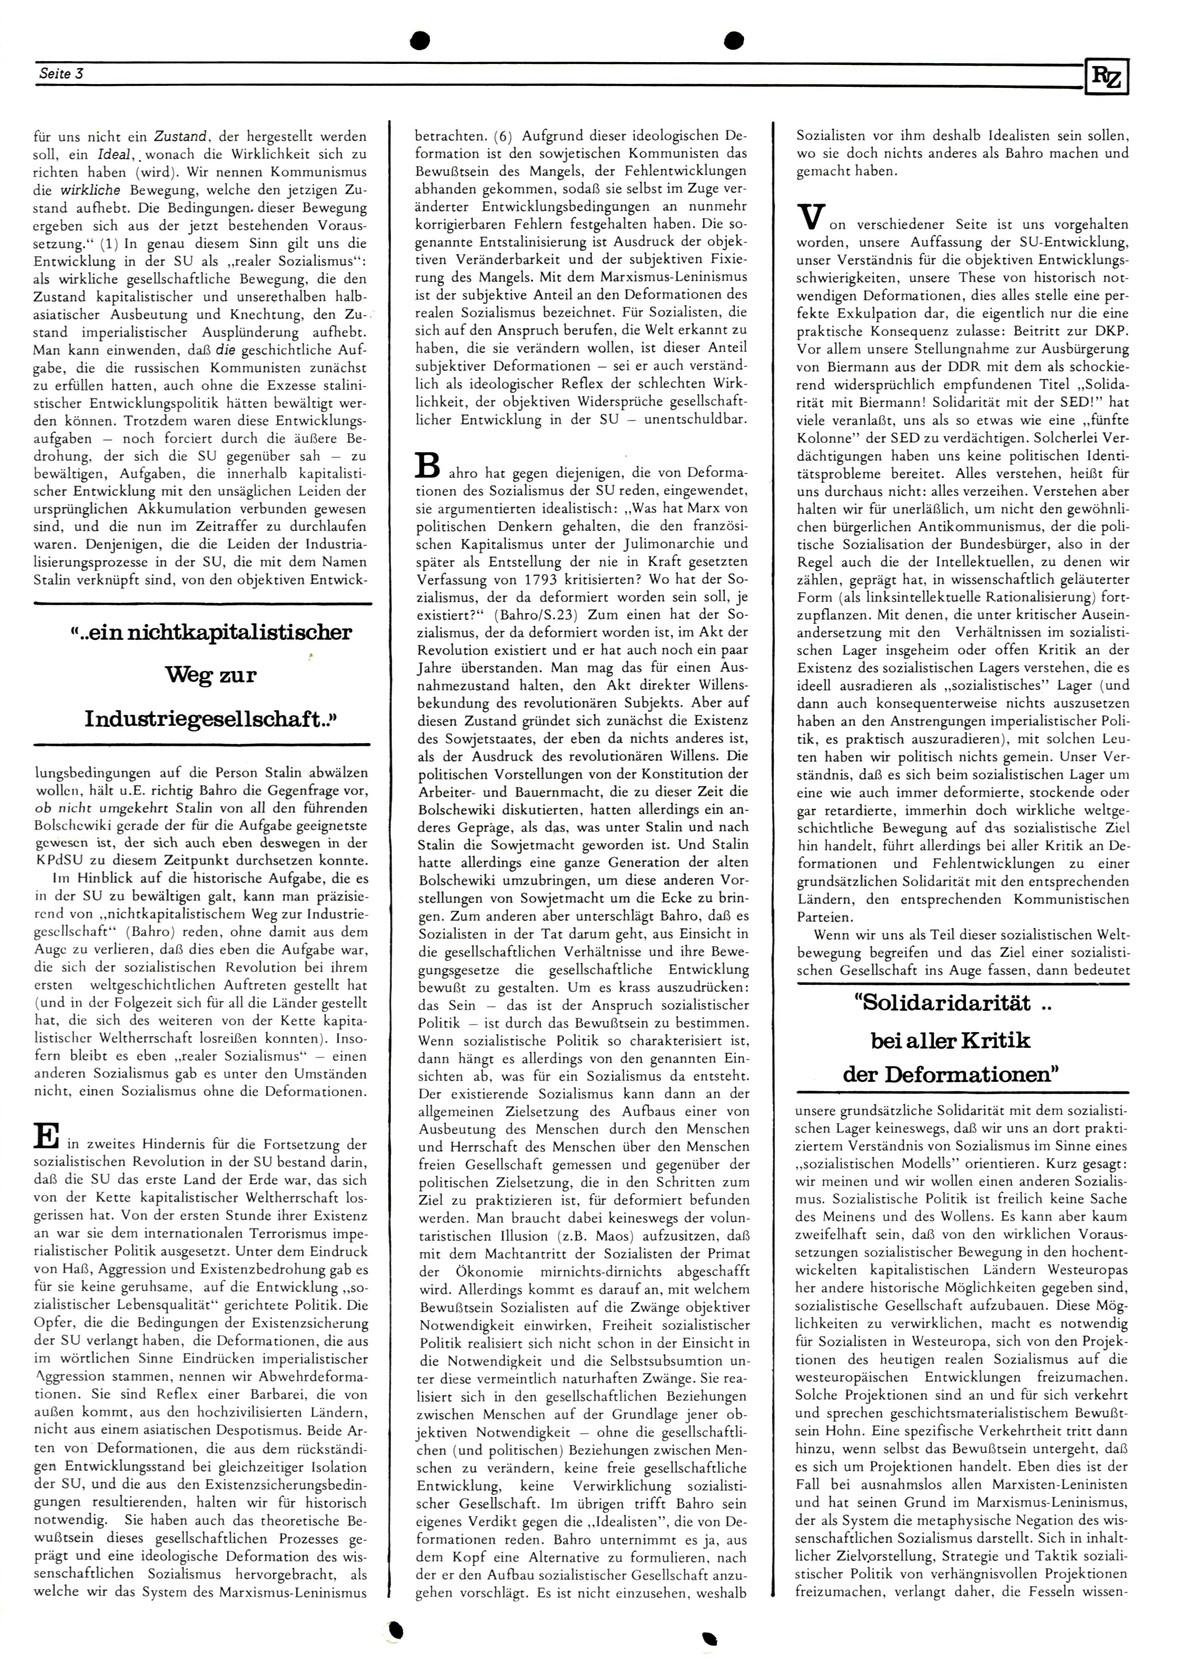 Bonn_RZ_13_19771200_03